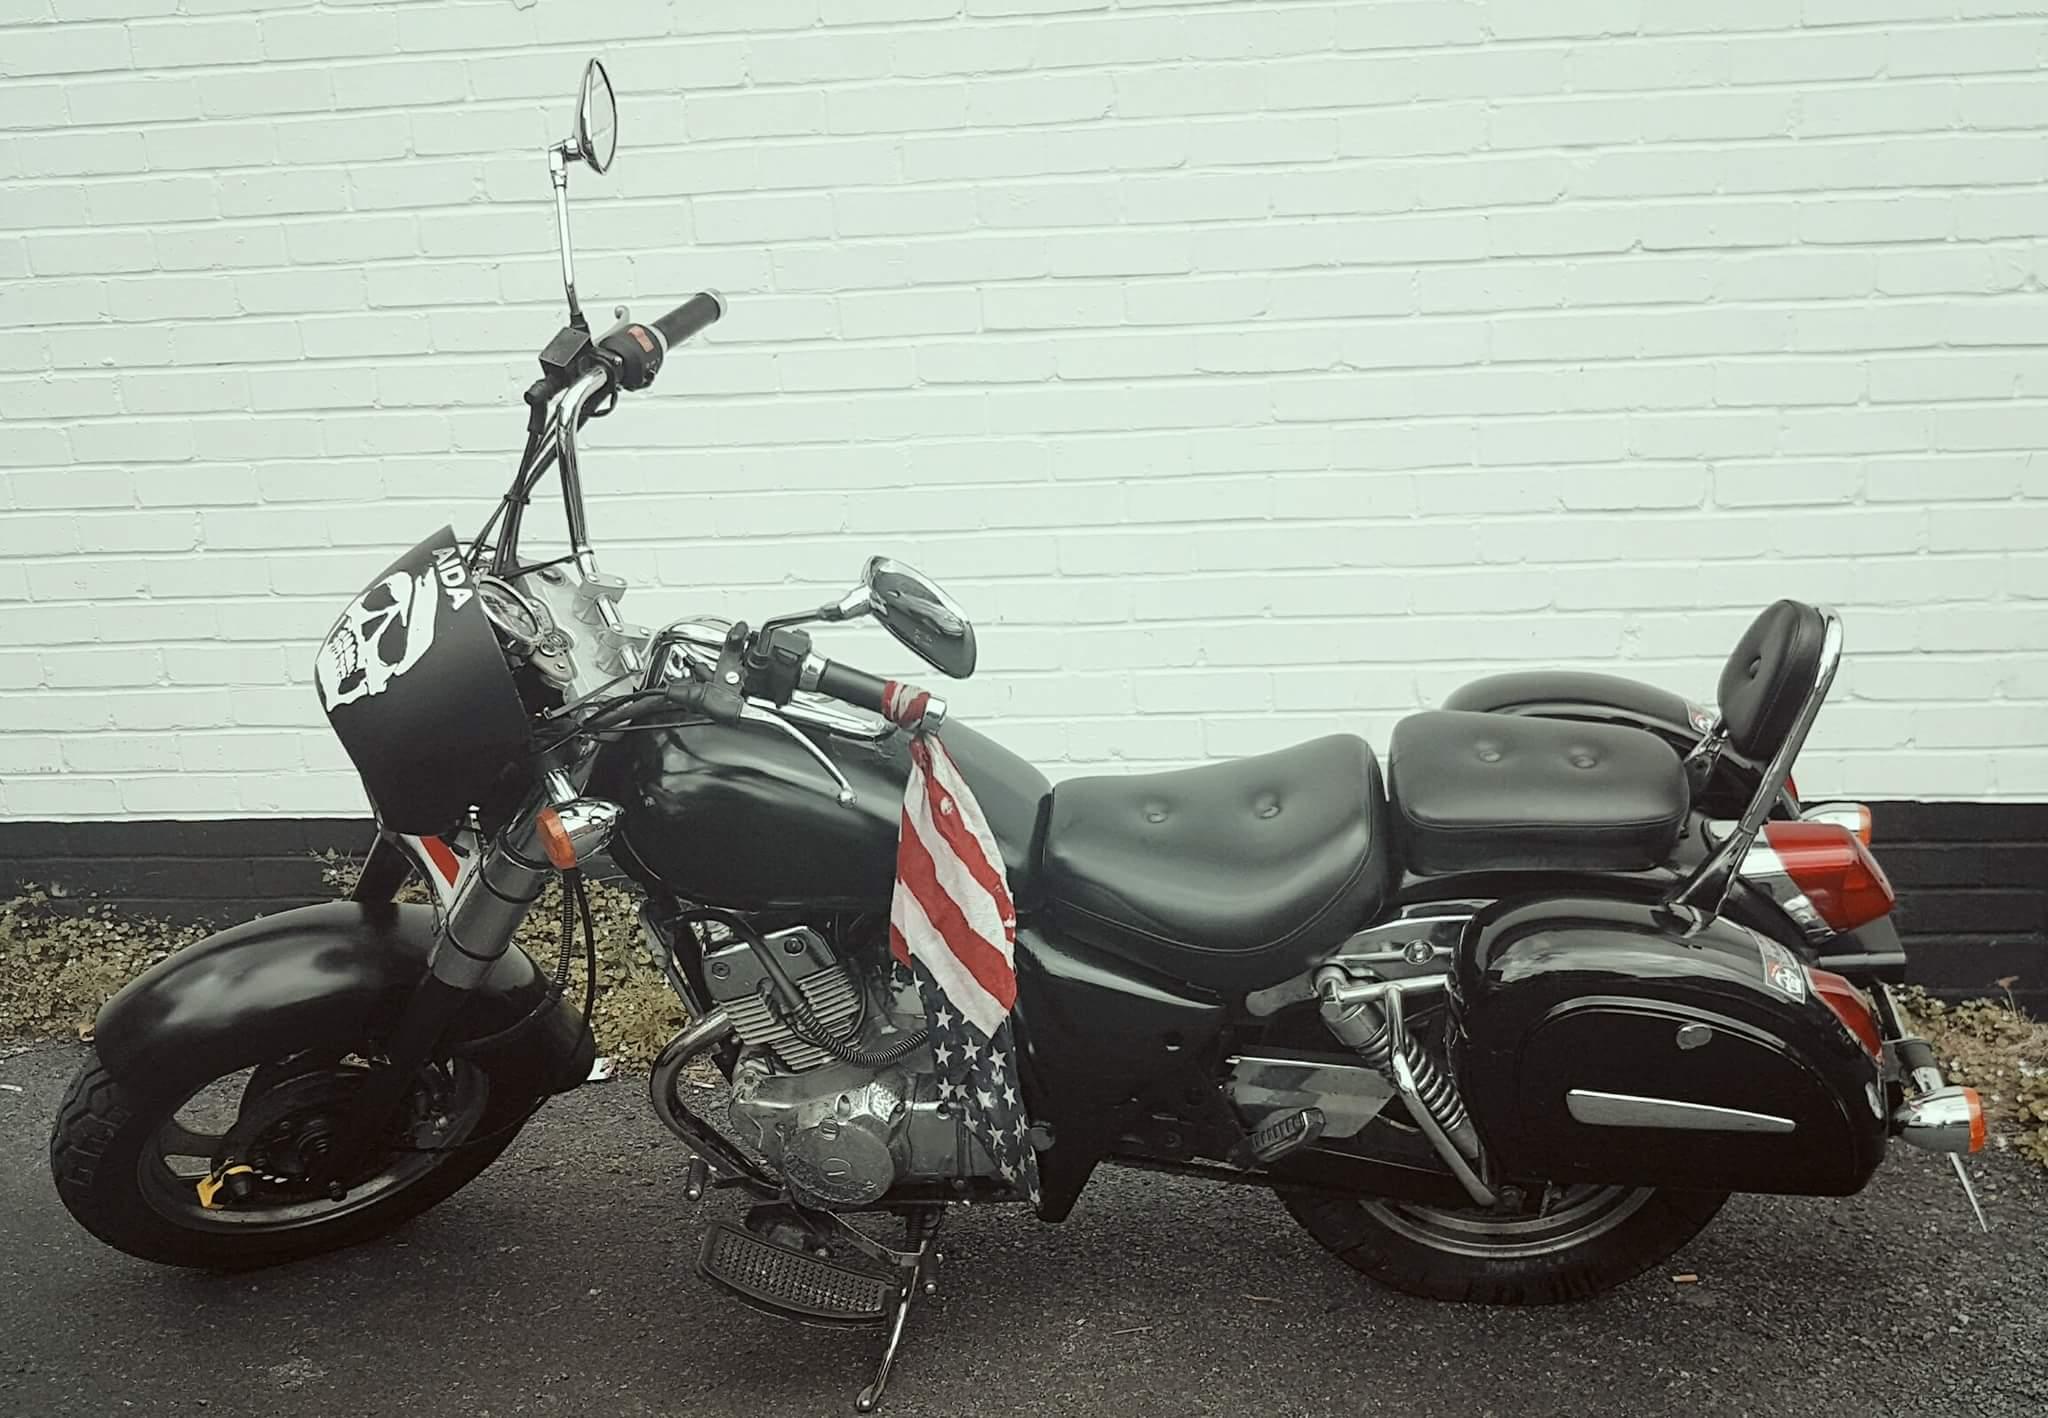 the jinlun ckr 125 at motorbikespecs net the motorcycle rh motorbikespecs  net Jinlun Motorcycles USA Jinlun Scooter Parts USA